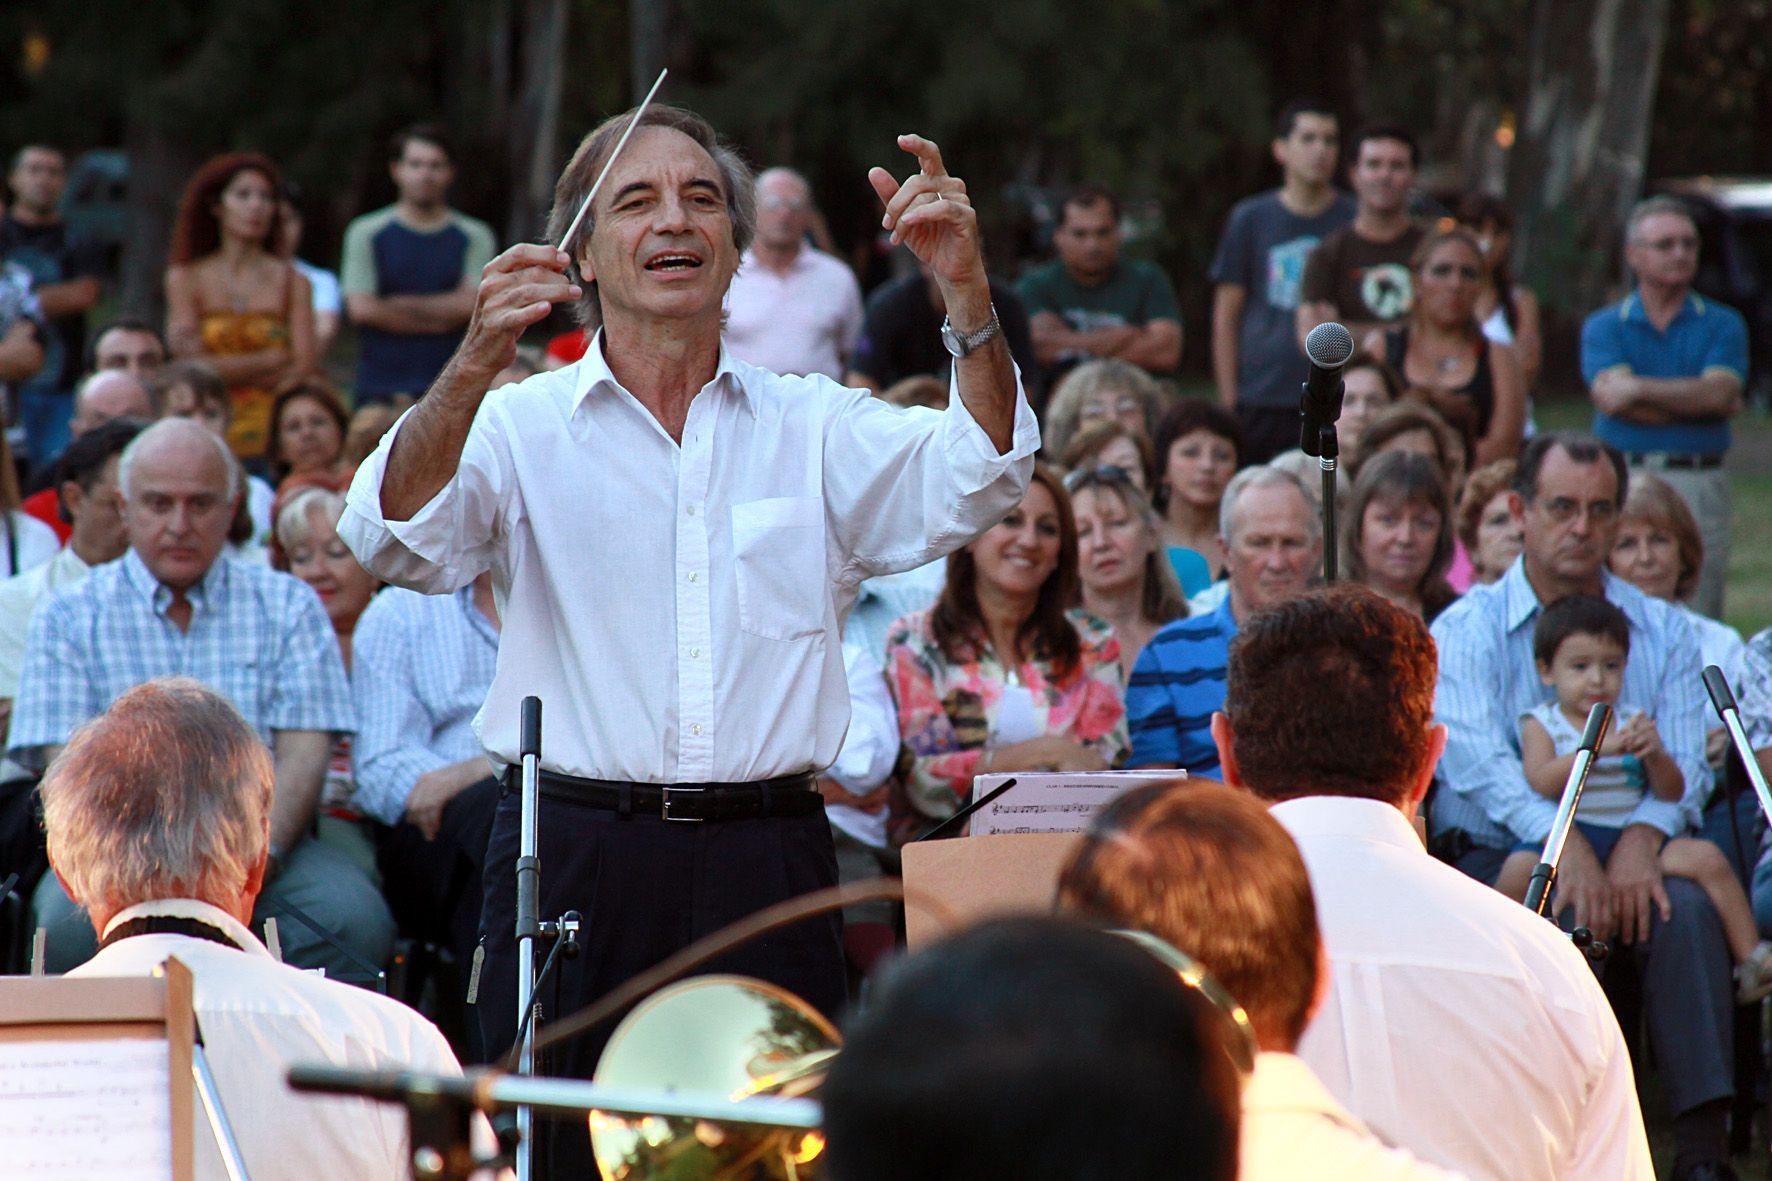 El director Fernando Ciraolo en plena acción. El cerebro de los músicos es objeto de estudios.